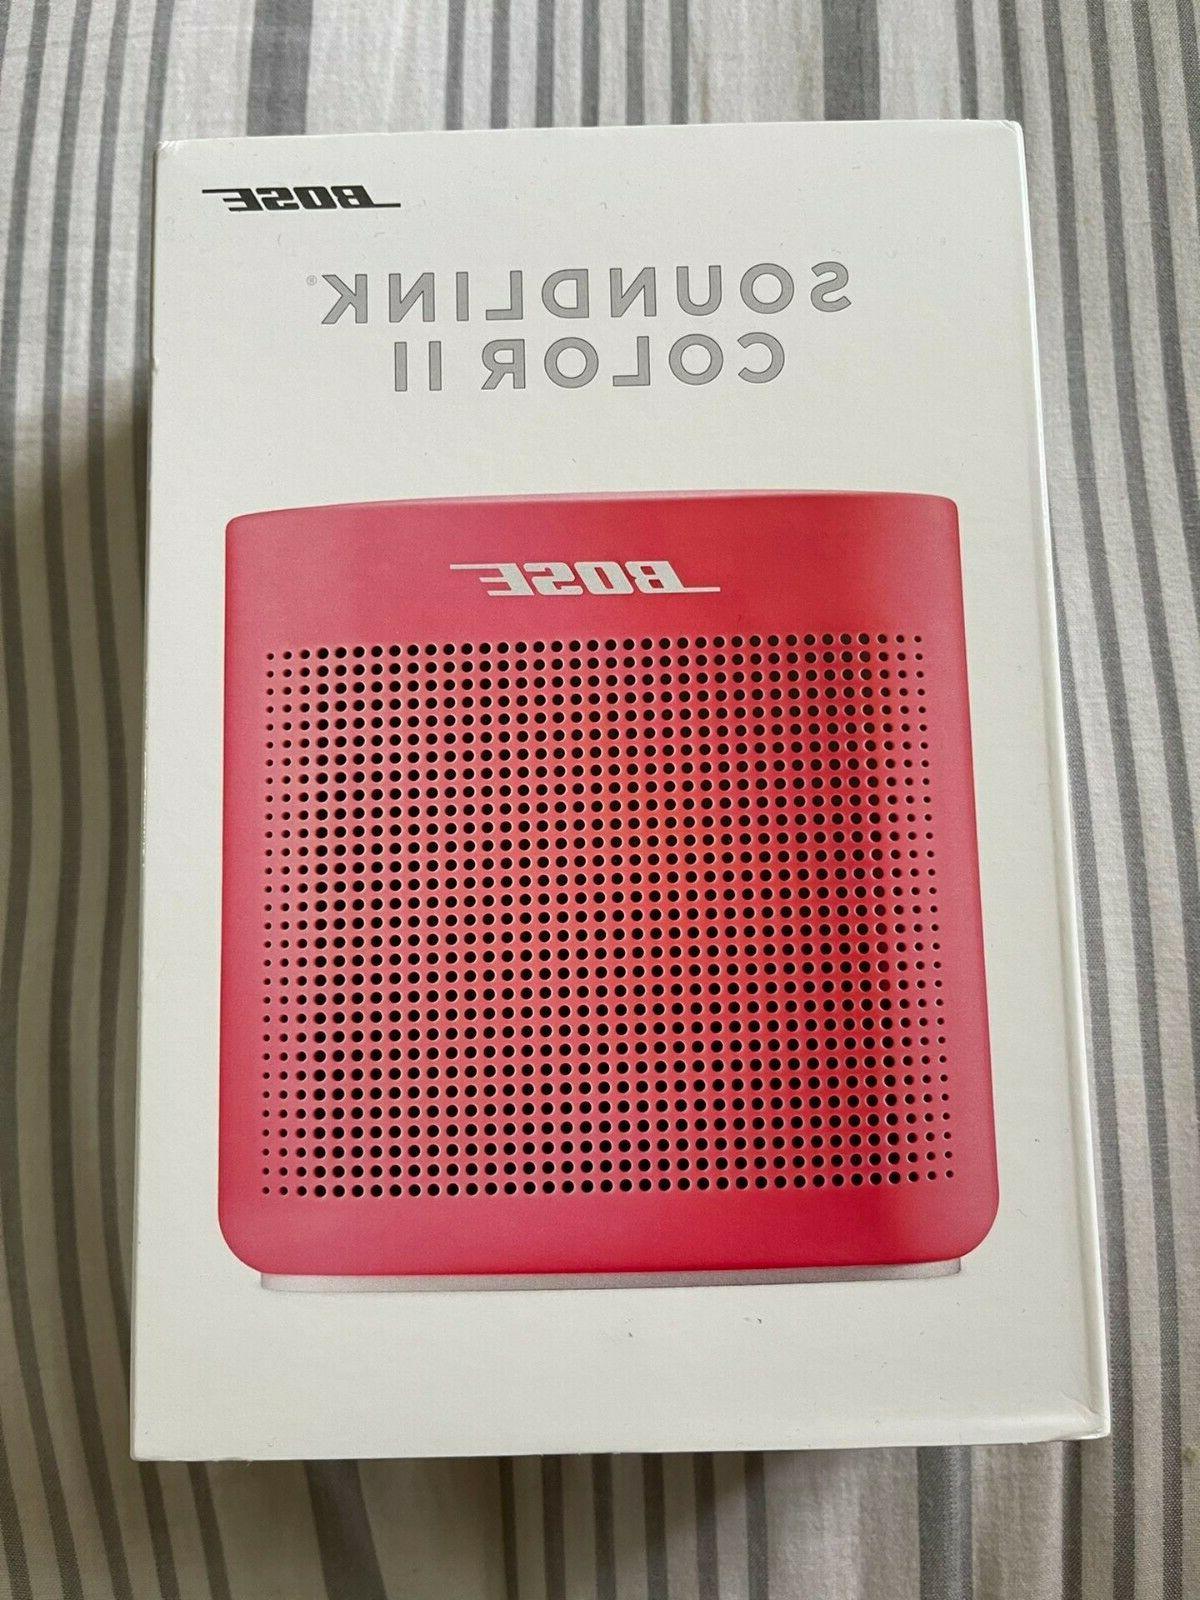 coral red soundlink color portable bluetooth speaker